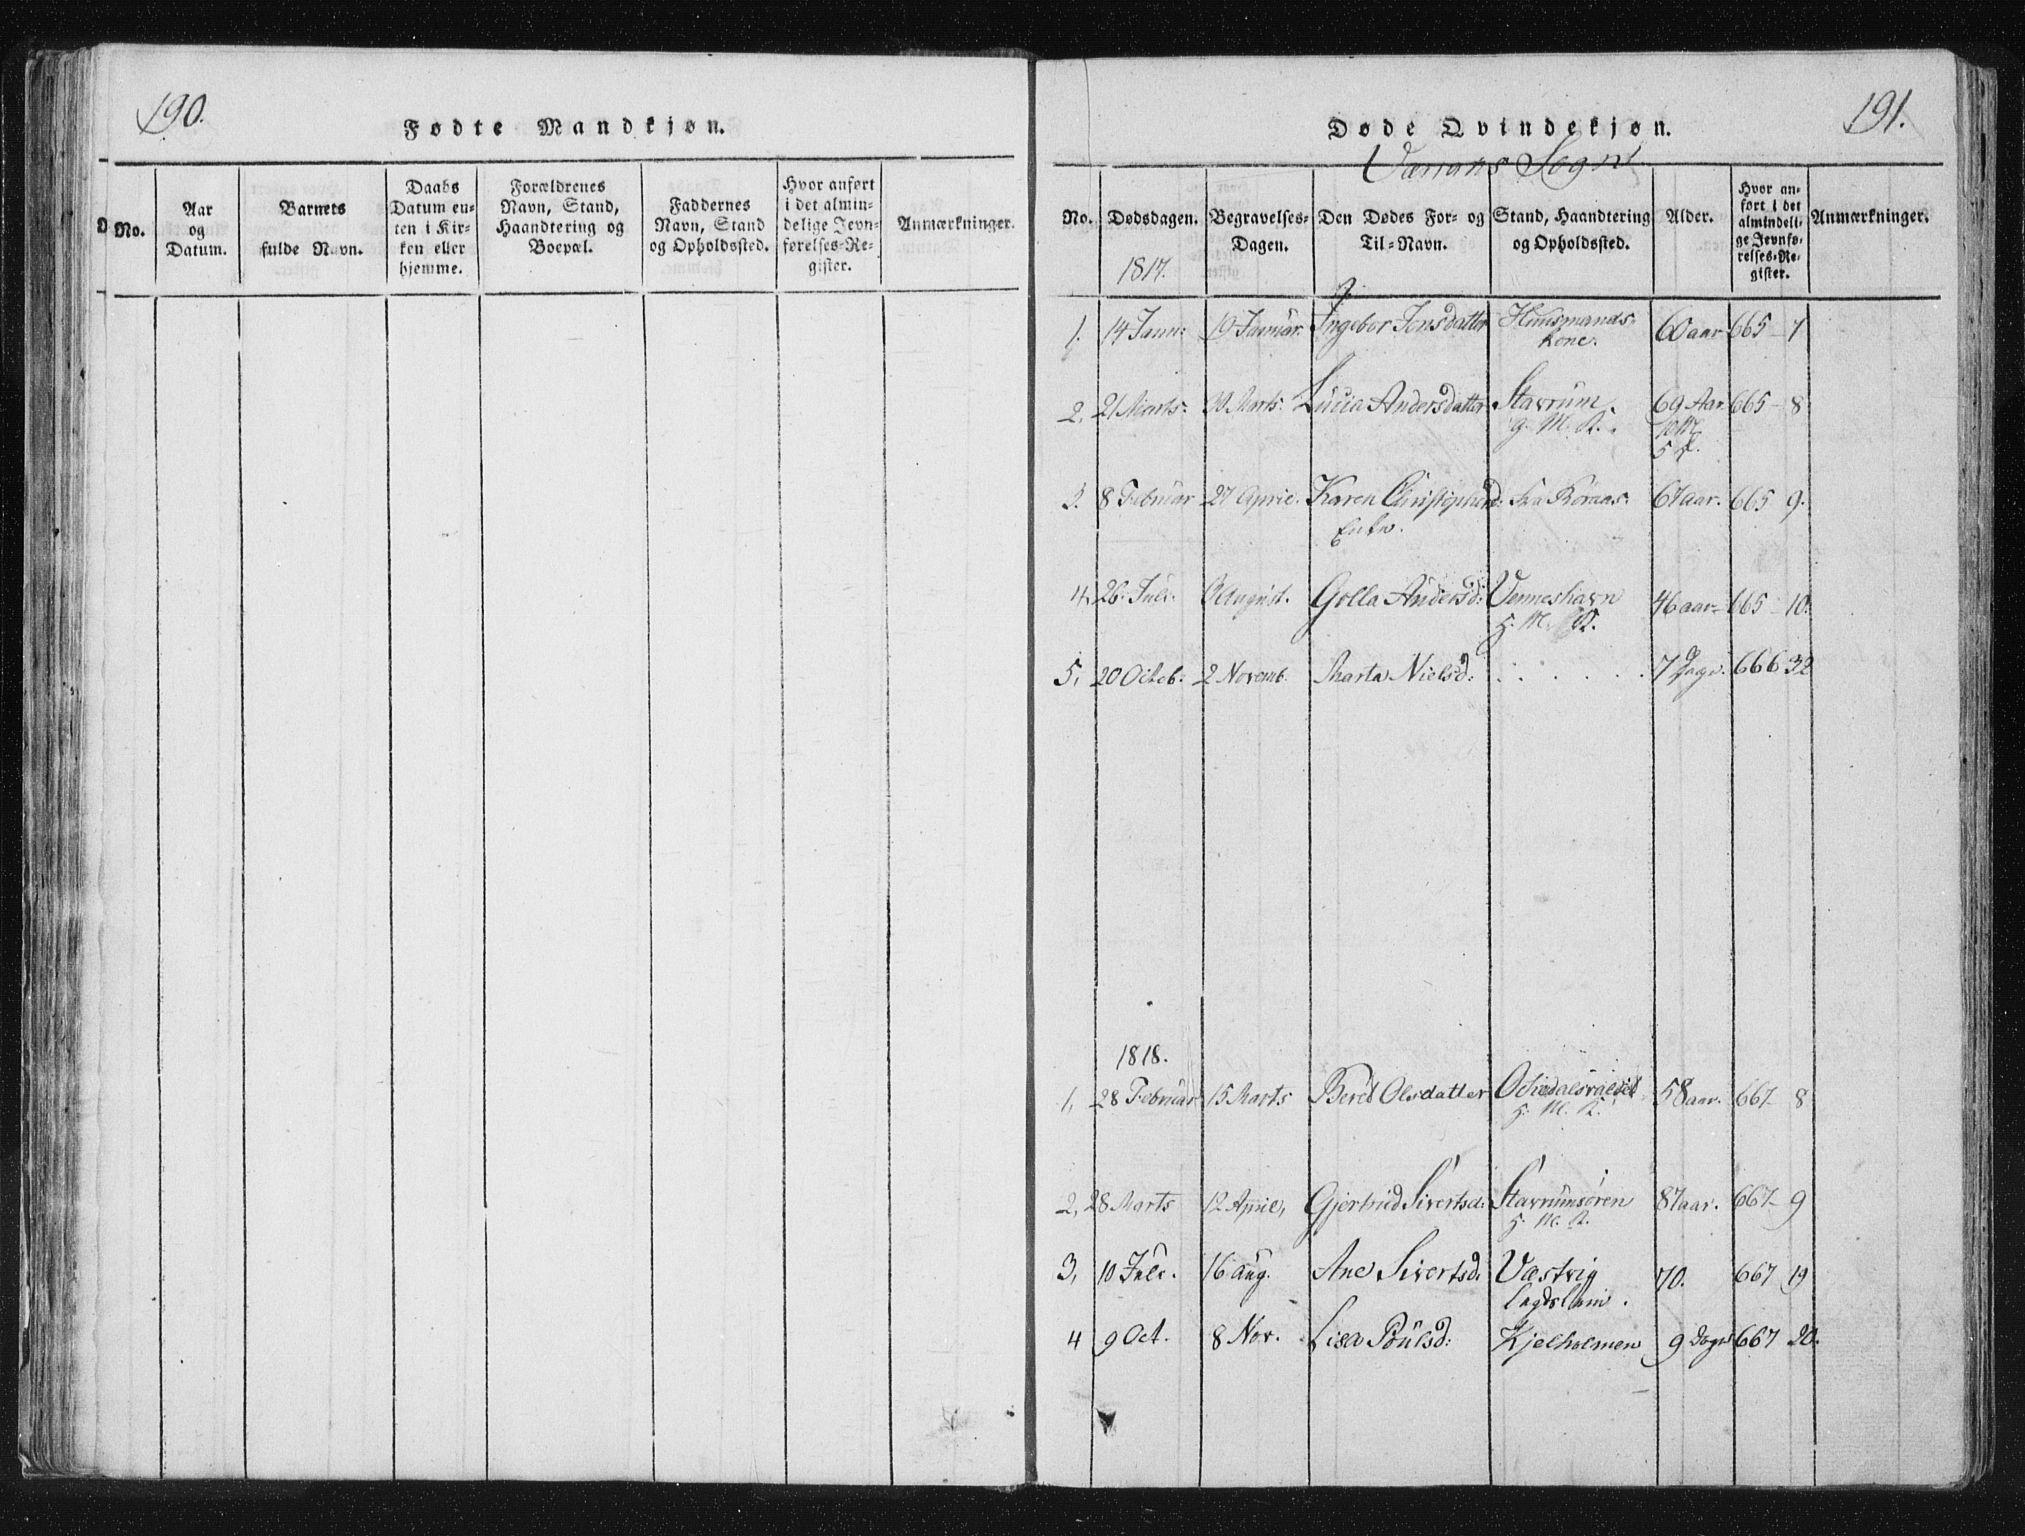 SAT, Ministerialprotokoller, klokkerbøker og fødselsregistre - Nord-Trøndelag, 744/L0417: Parish register (official) no. 744A01, 1817-1842, p. 190-191